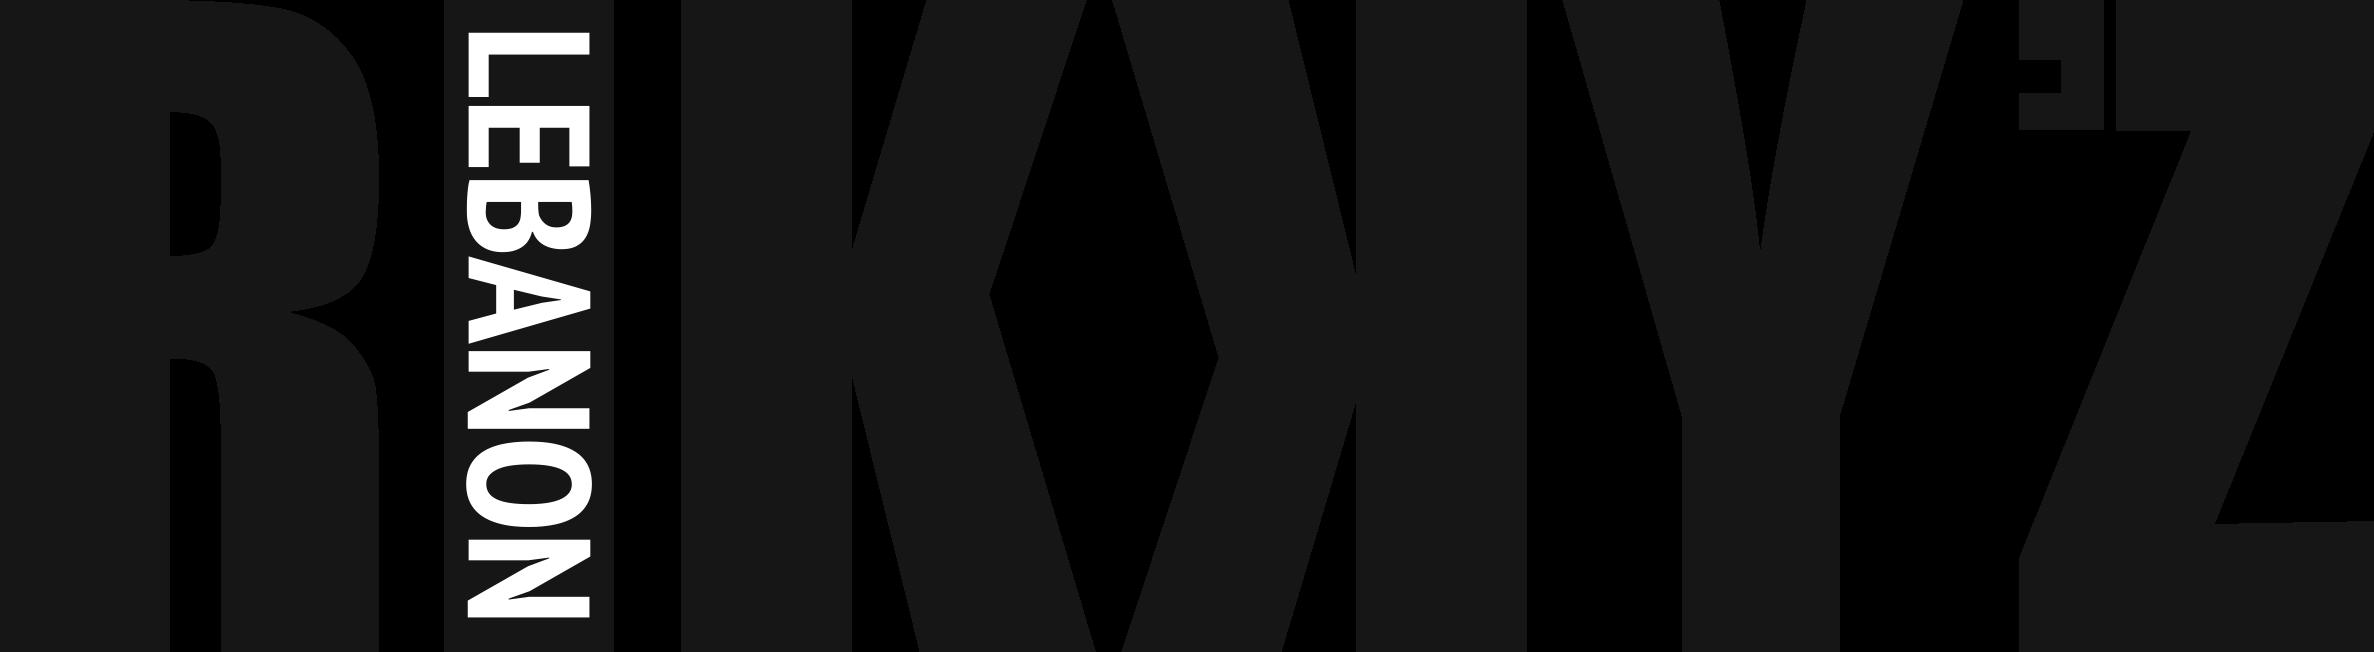 rikky'z logo